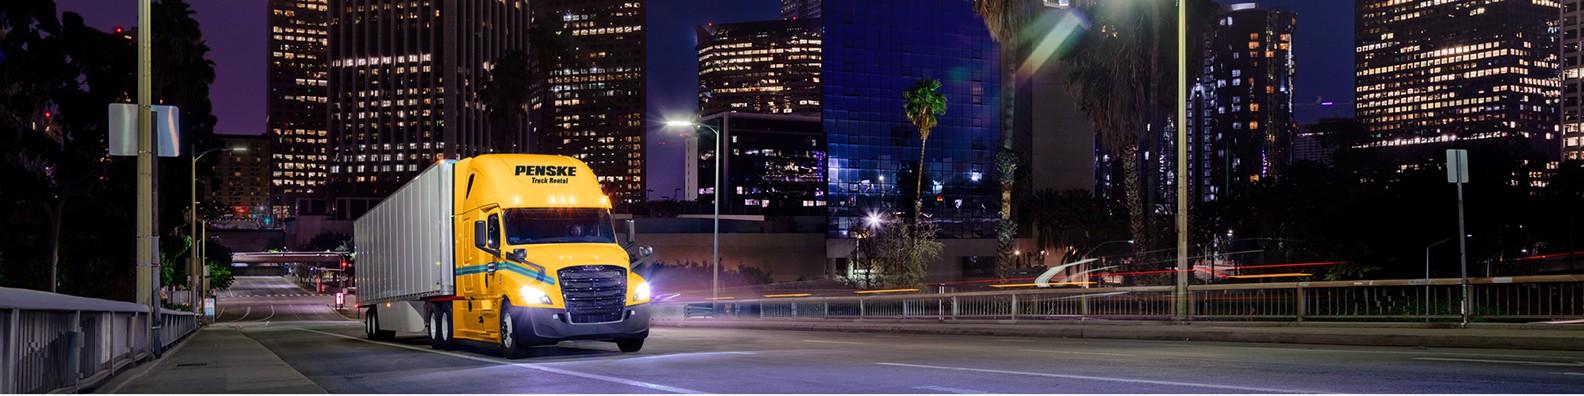 Penske Truck Leasing Linkedin